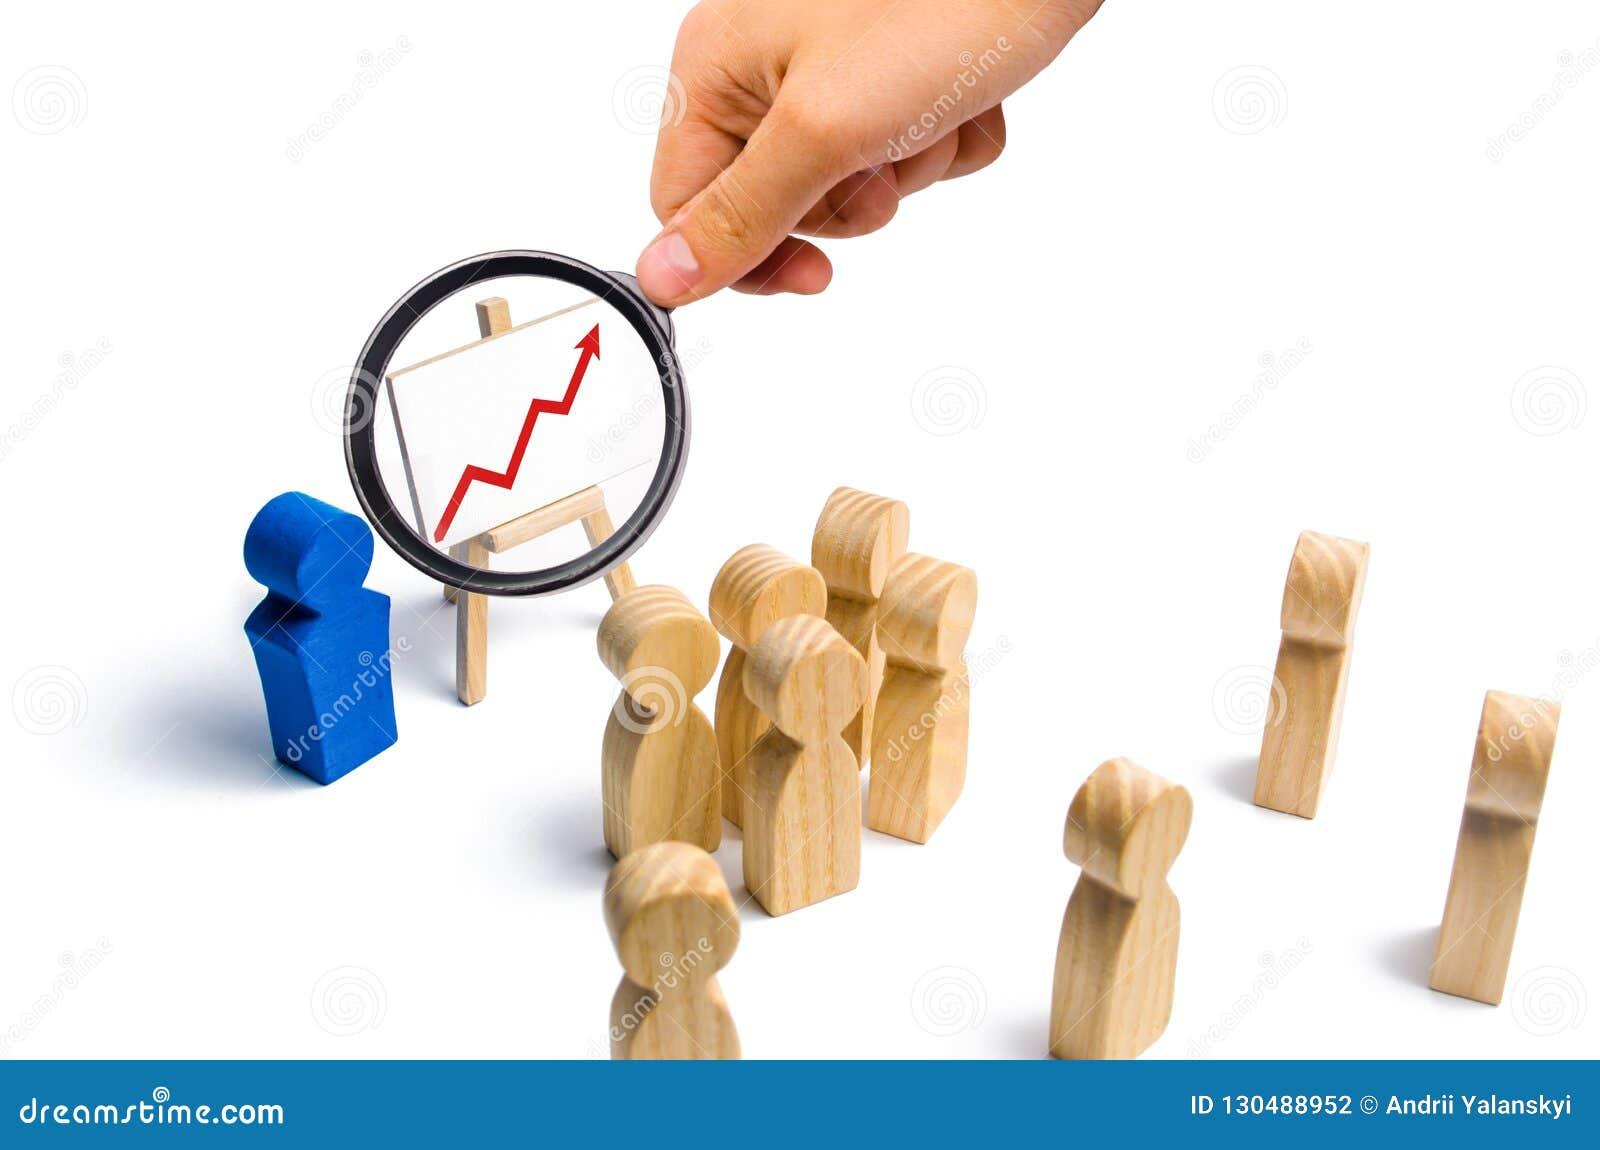 O líder está estando perto do gráfico com um vermelho acima da seta fala